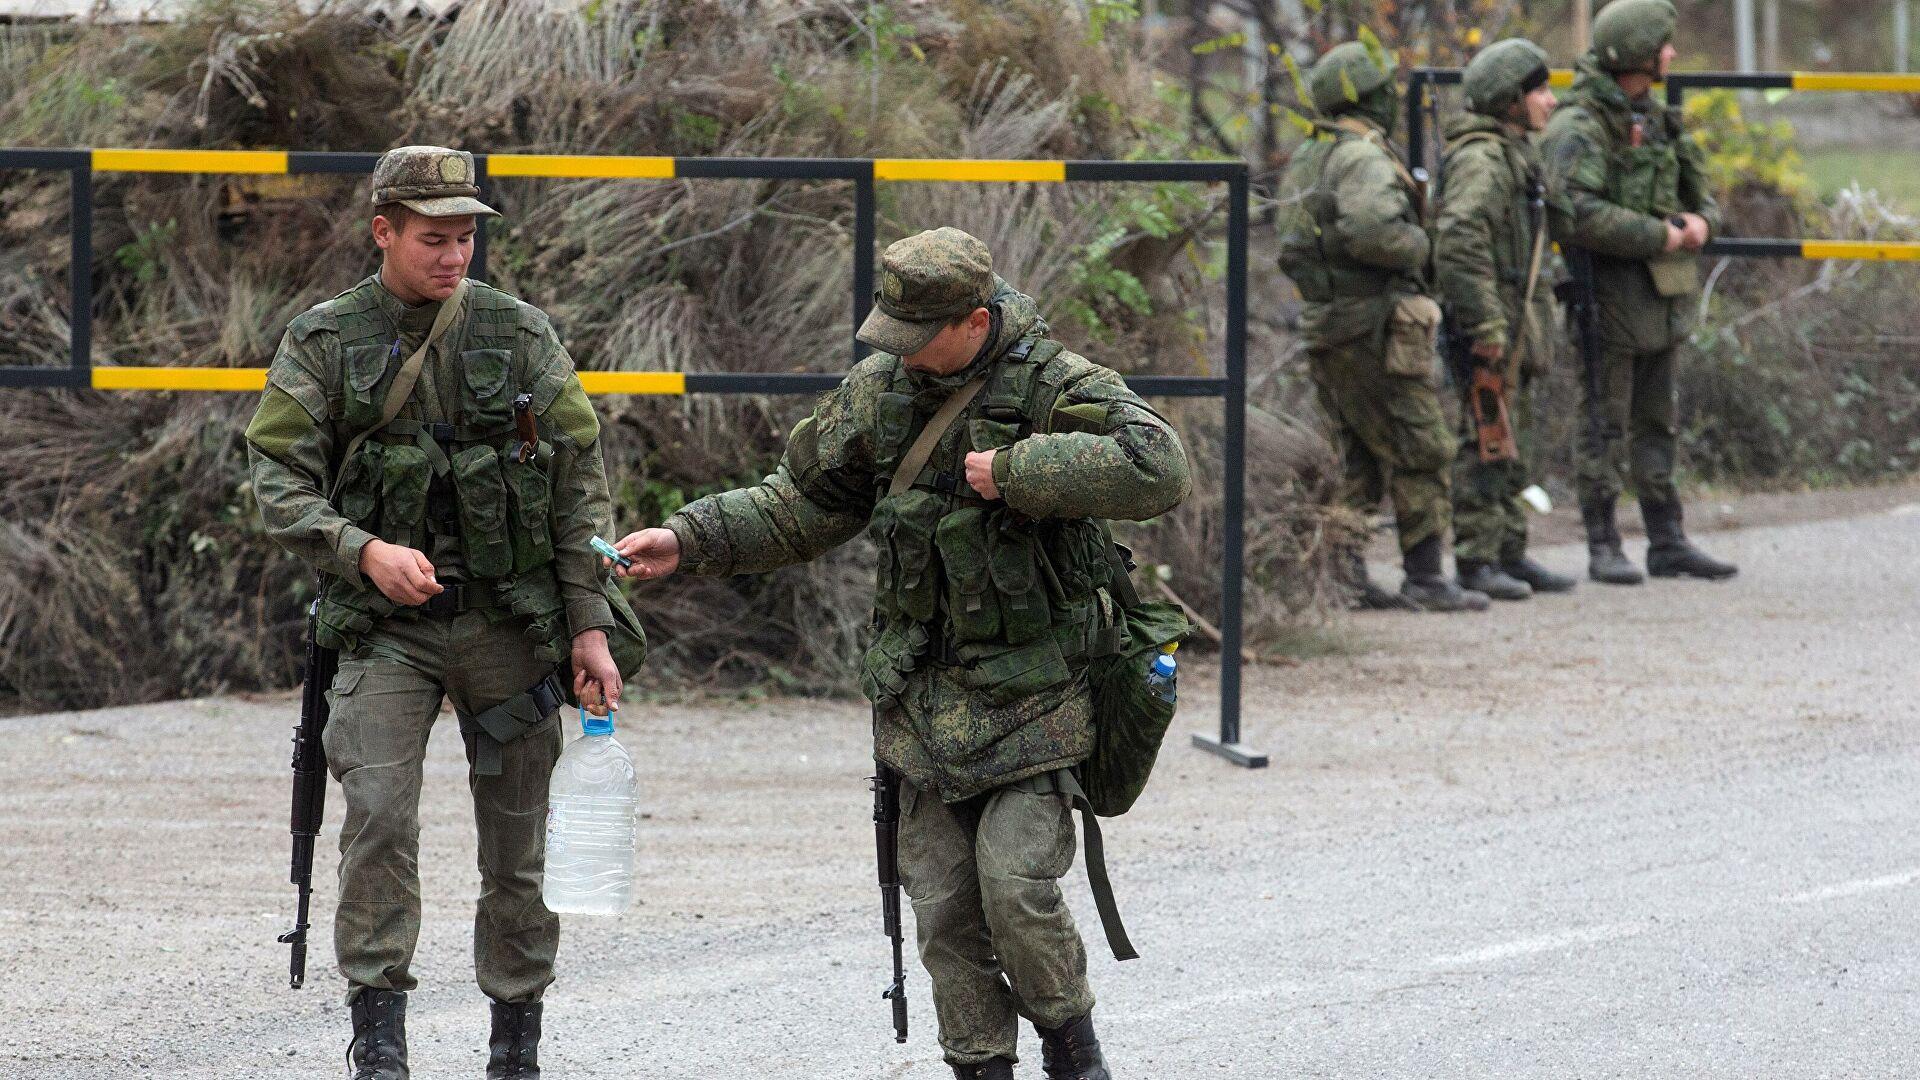 Pašinjan: Prisustvo ruskih mirovnjaka u Nagorno-Karabahu najvažniji faktor za očuvanje mira